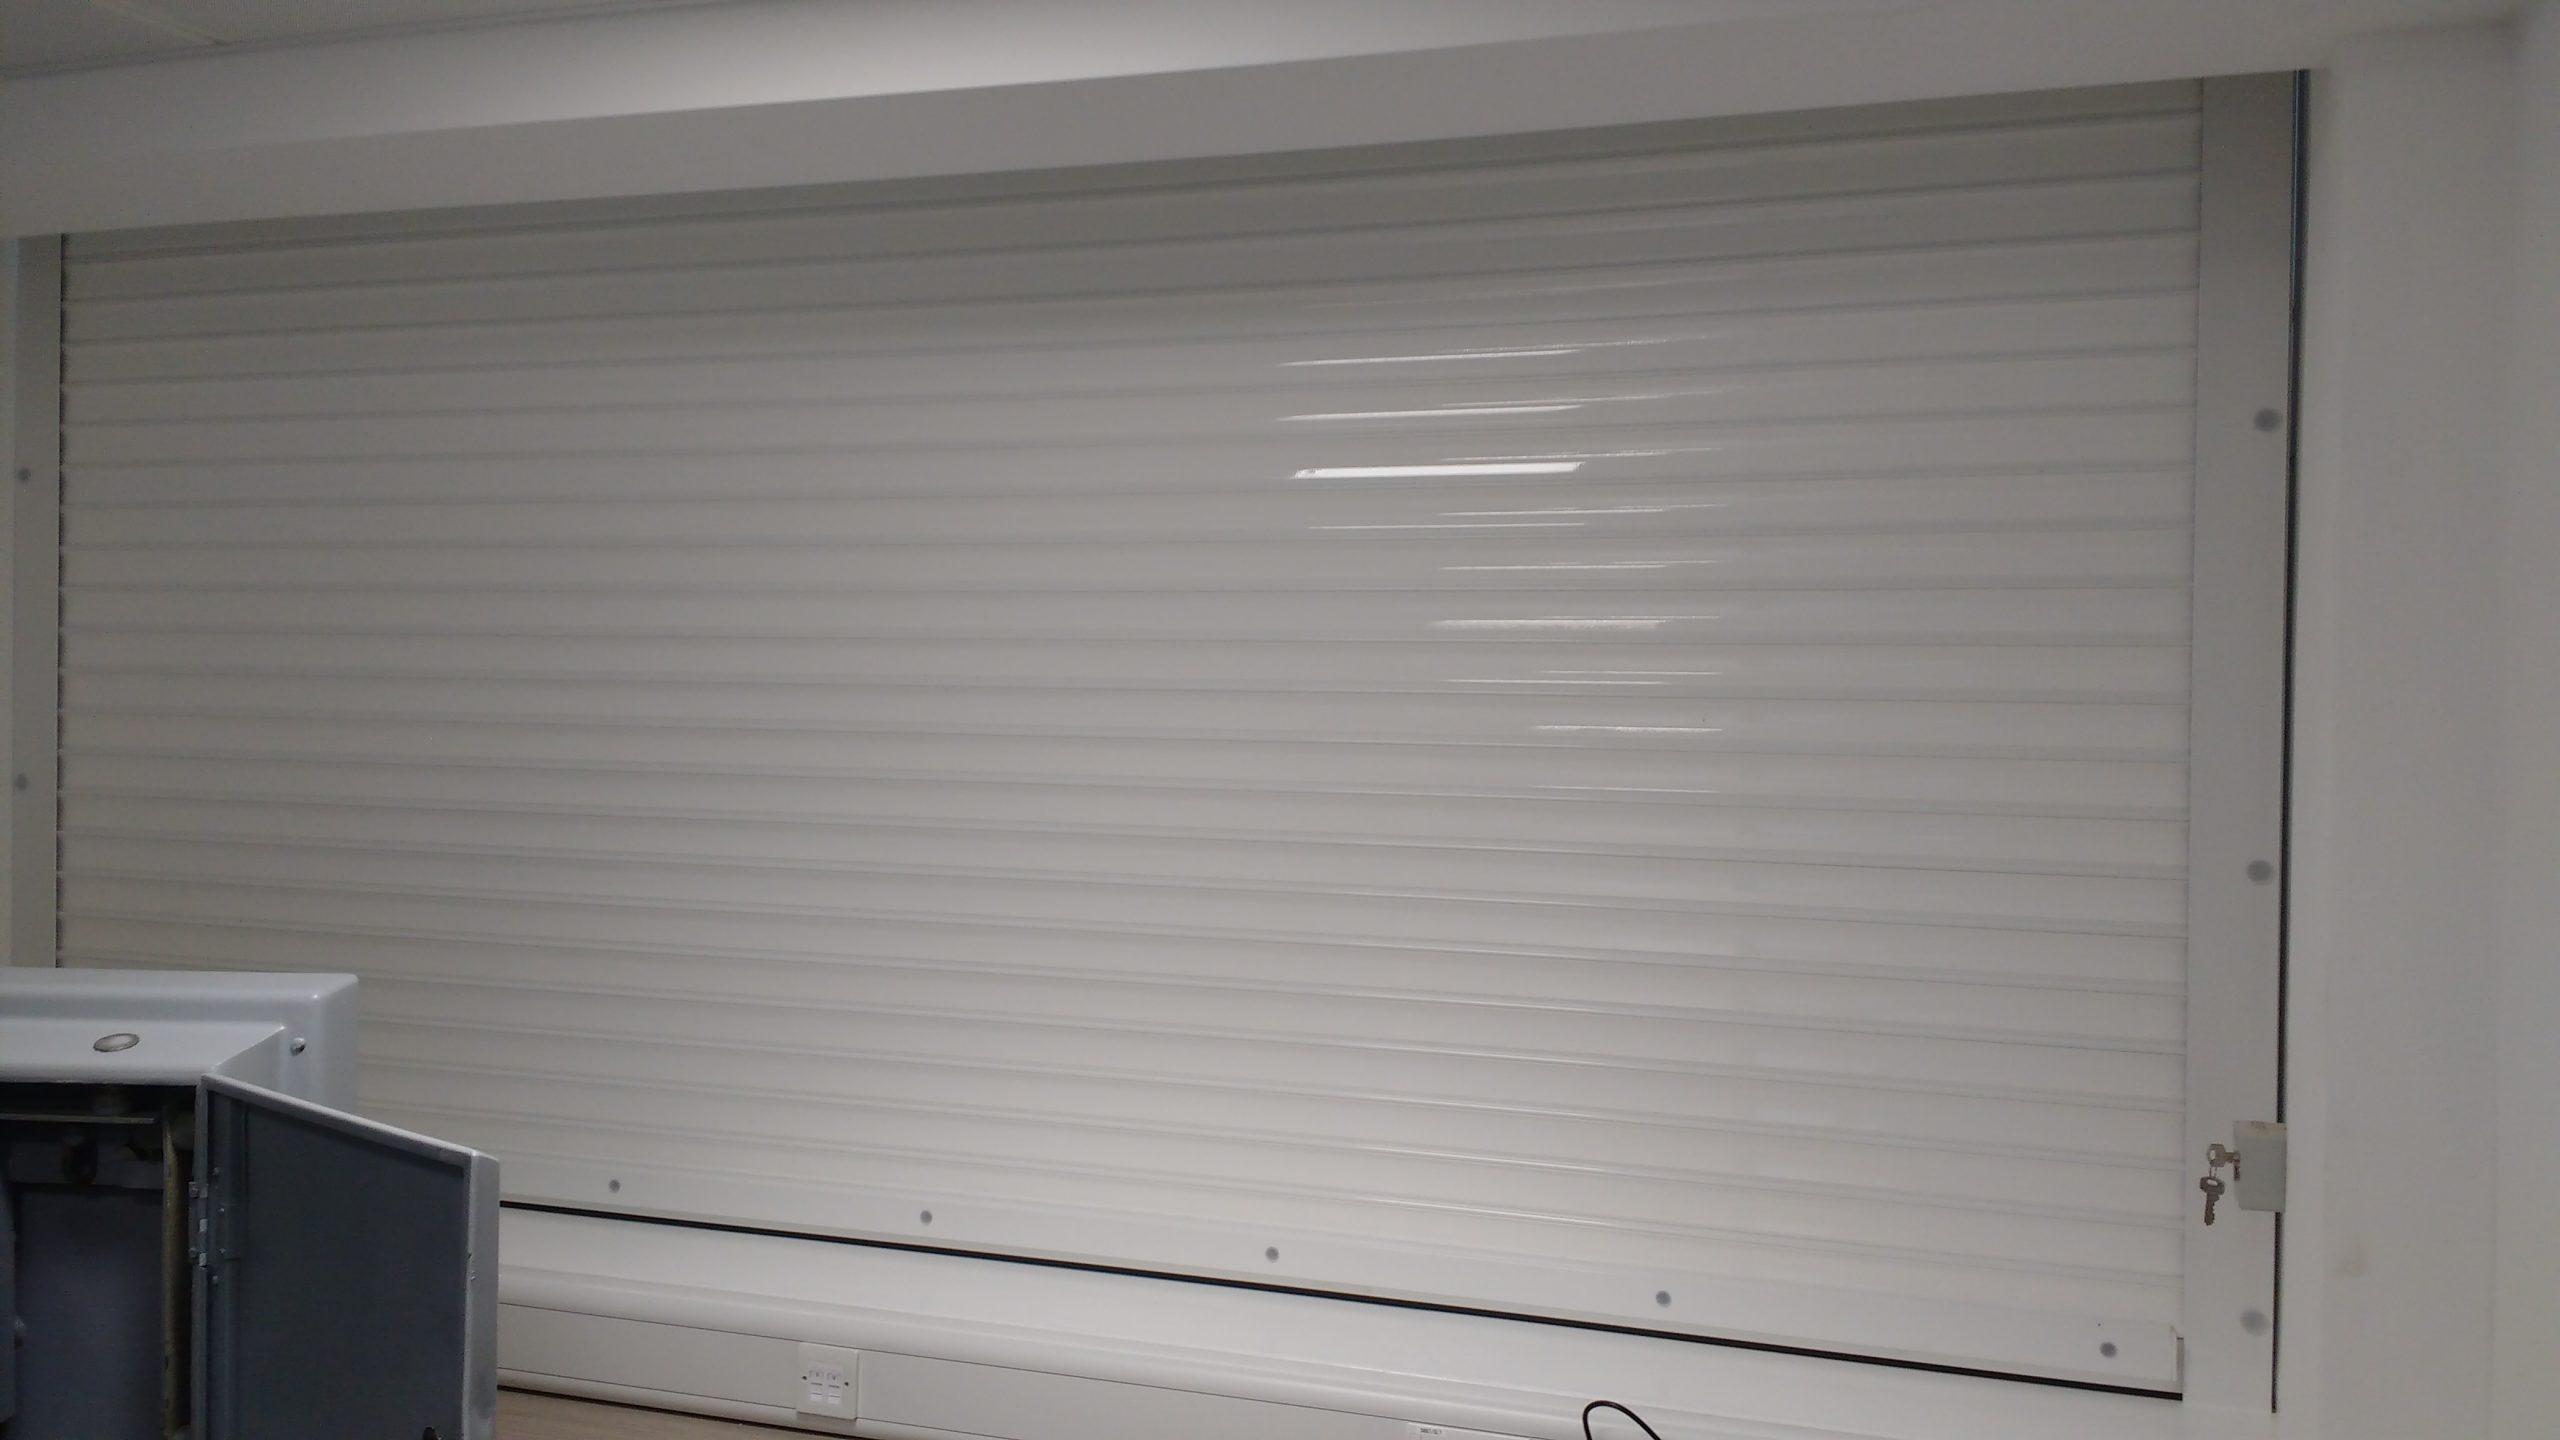 window grille installation